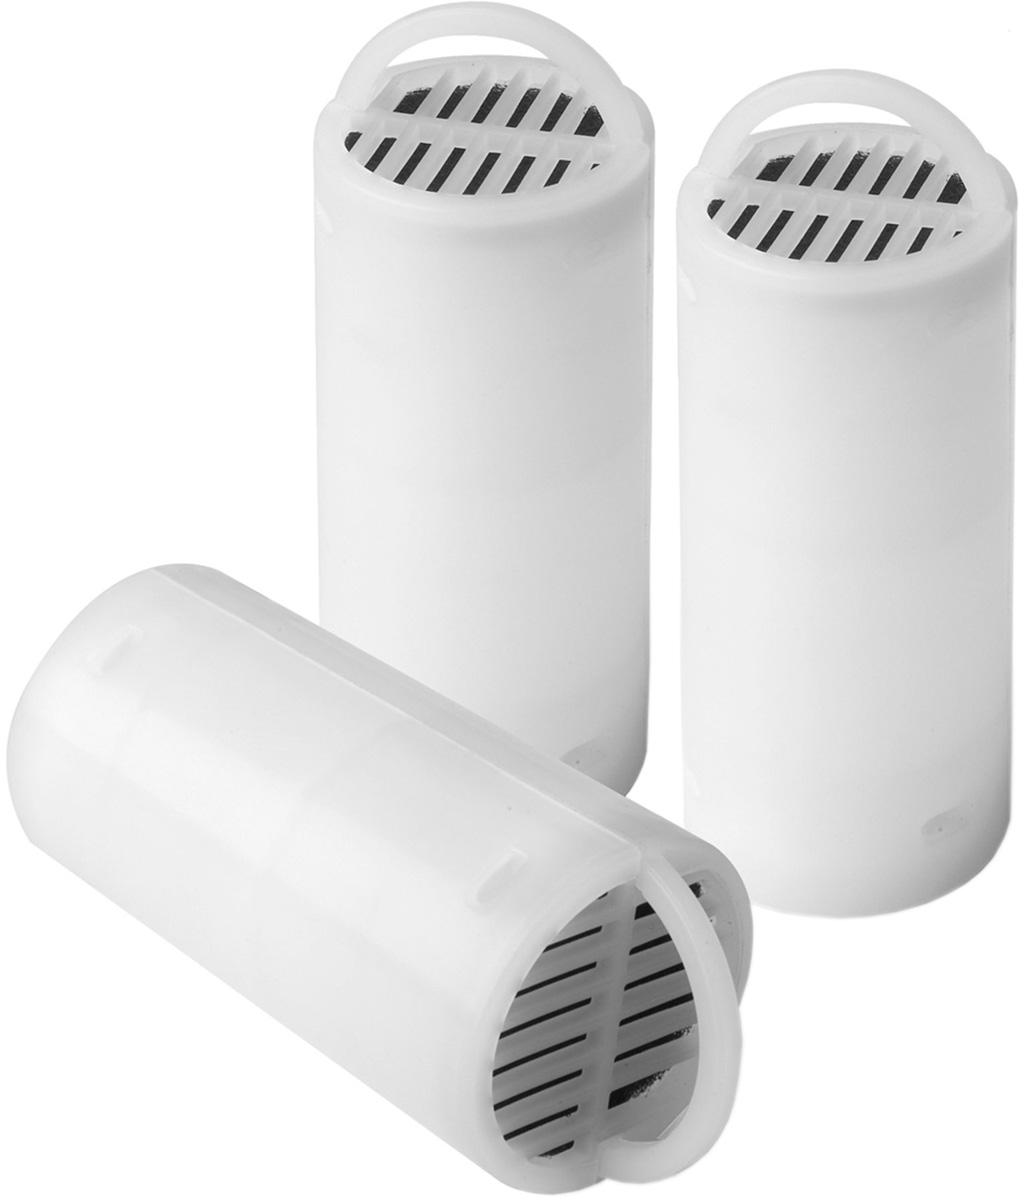 Фильтр угольный для автопоилок PetSafe Drinkwell 360 уп. 3 шт (1 шт) интерактивная игрушка petsafe frolicat zip pty19 16525 zi